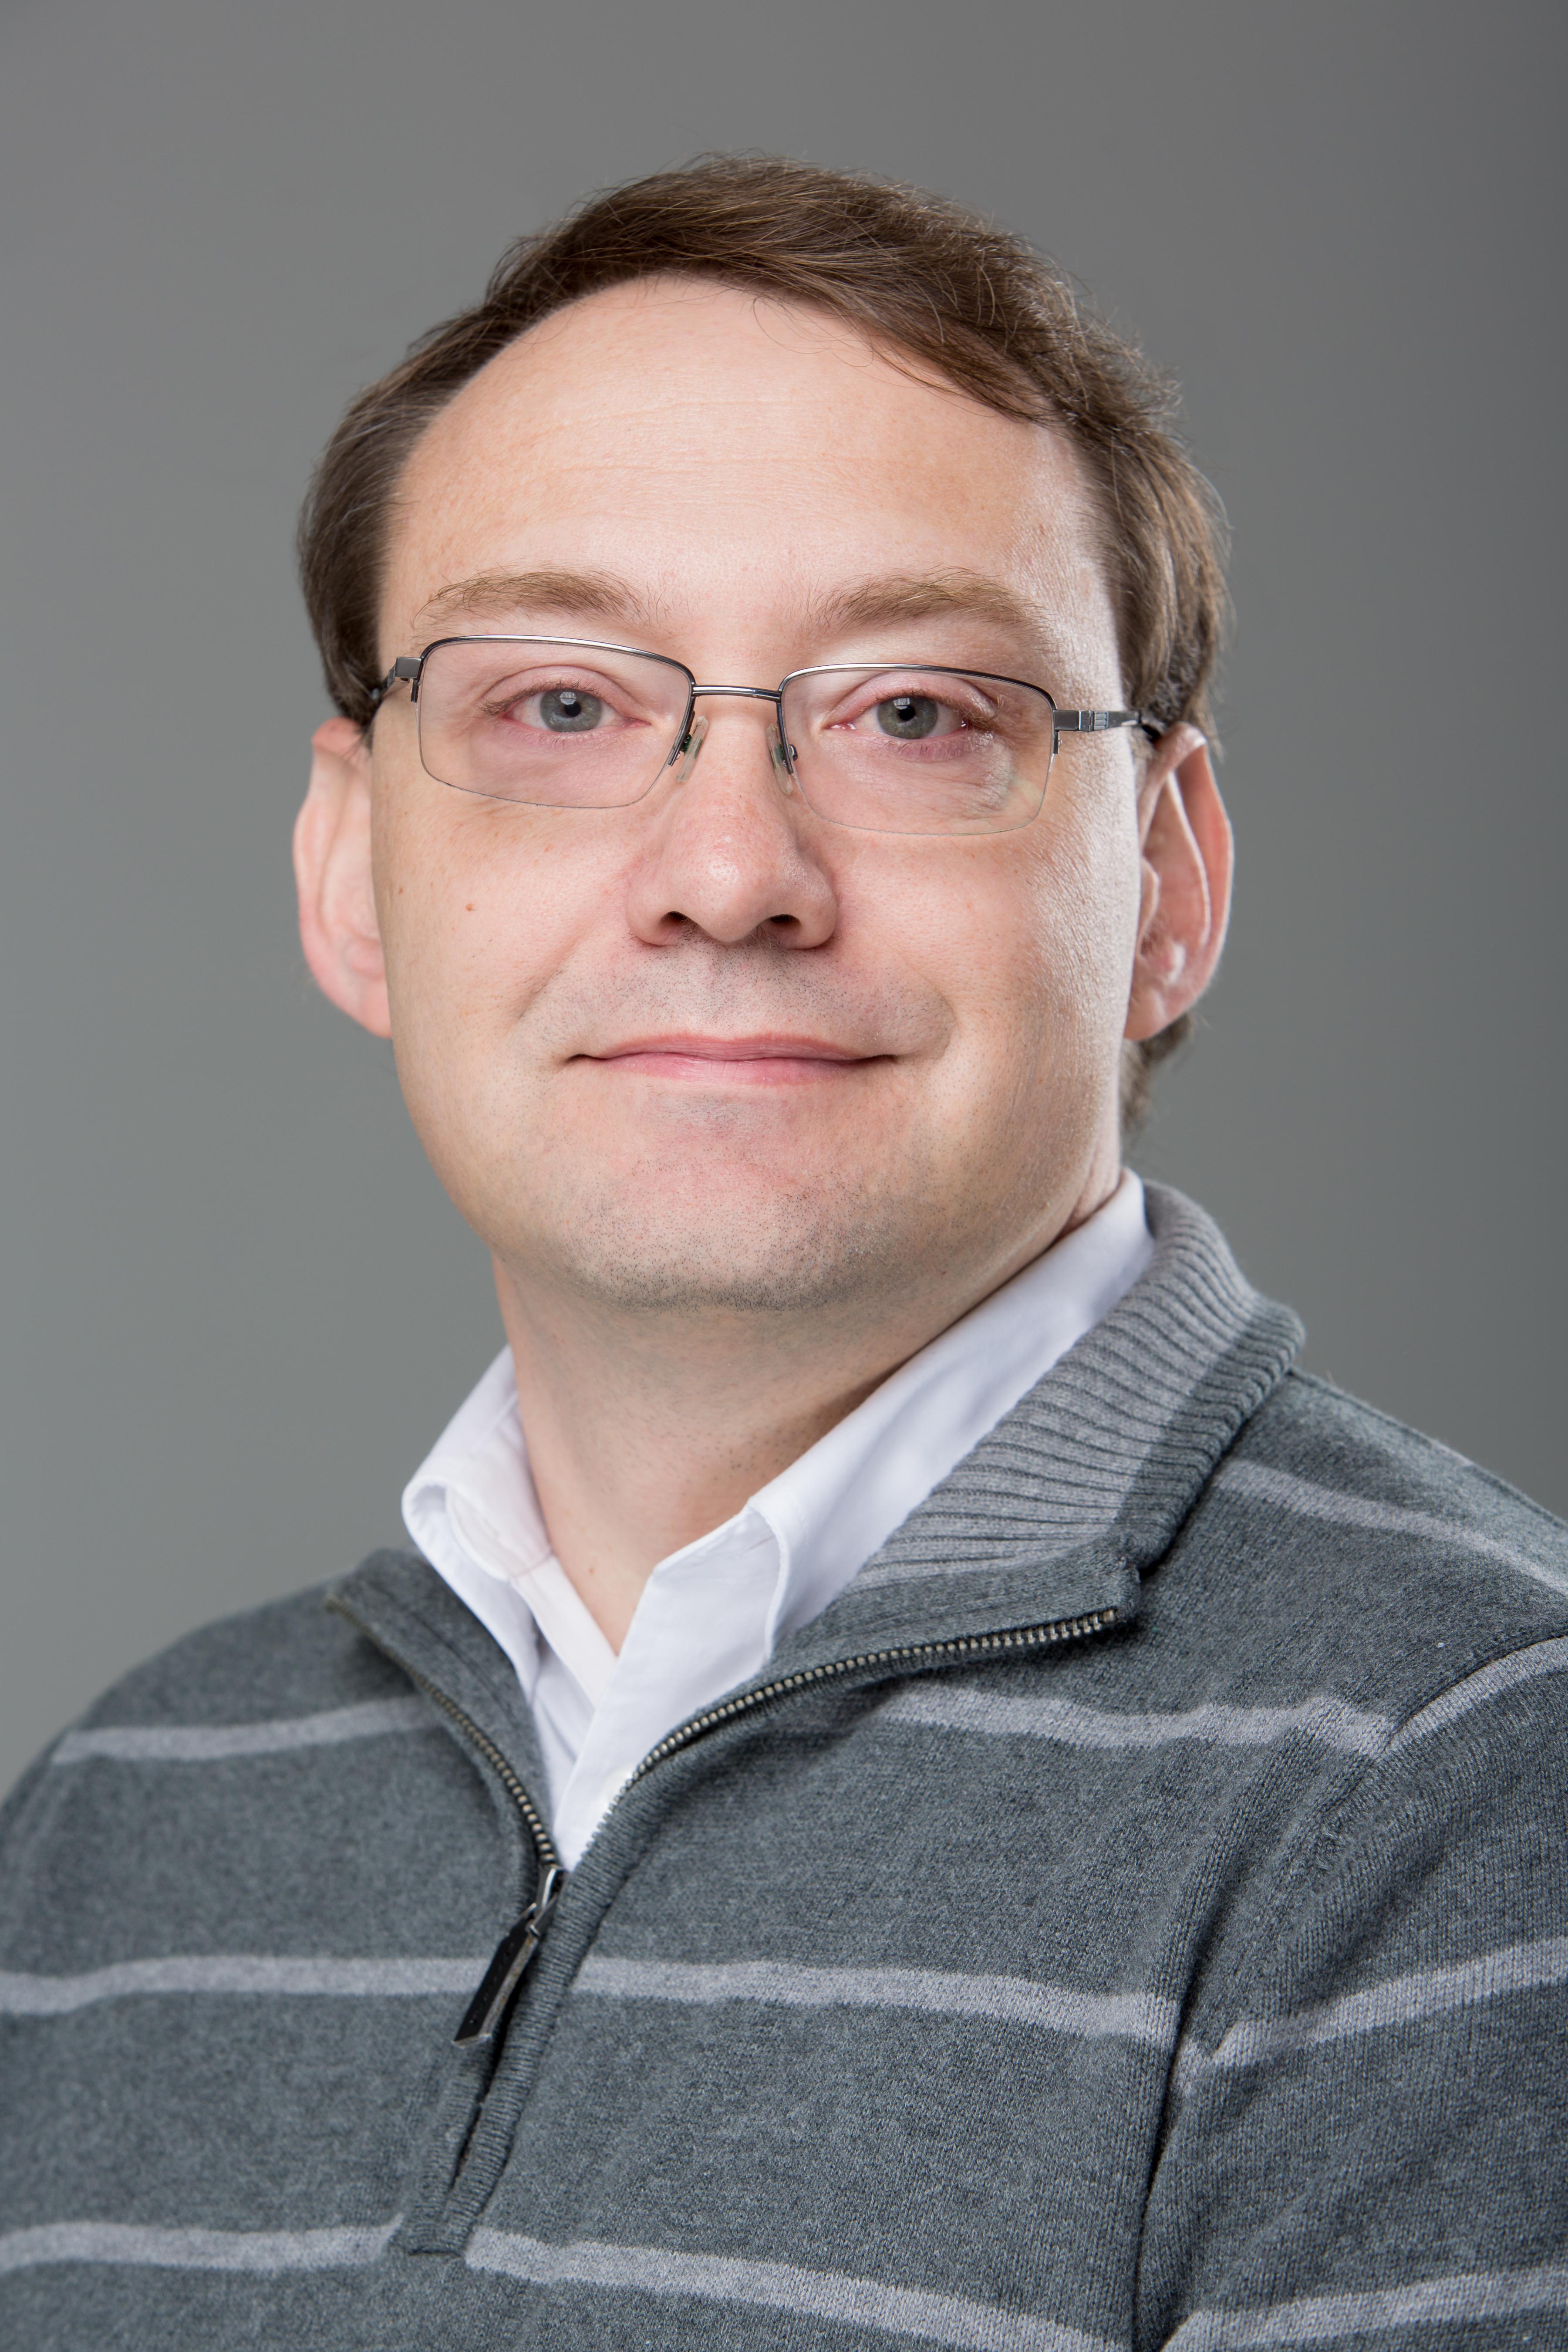 Albert Stadler